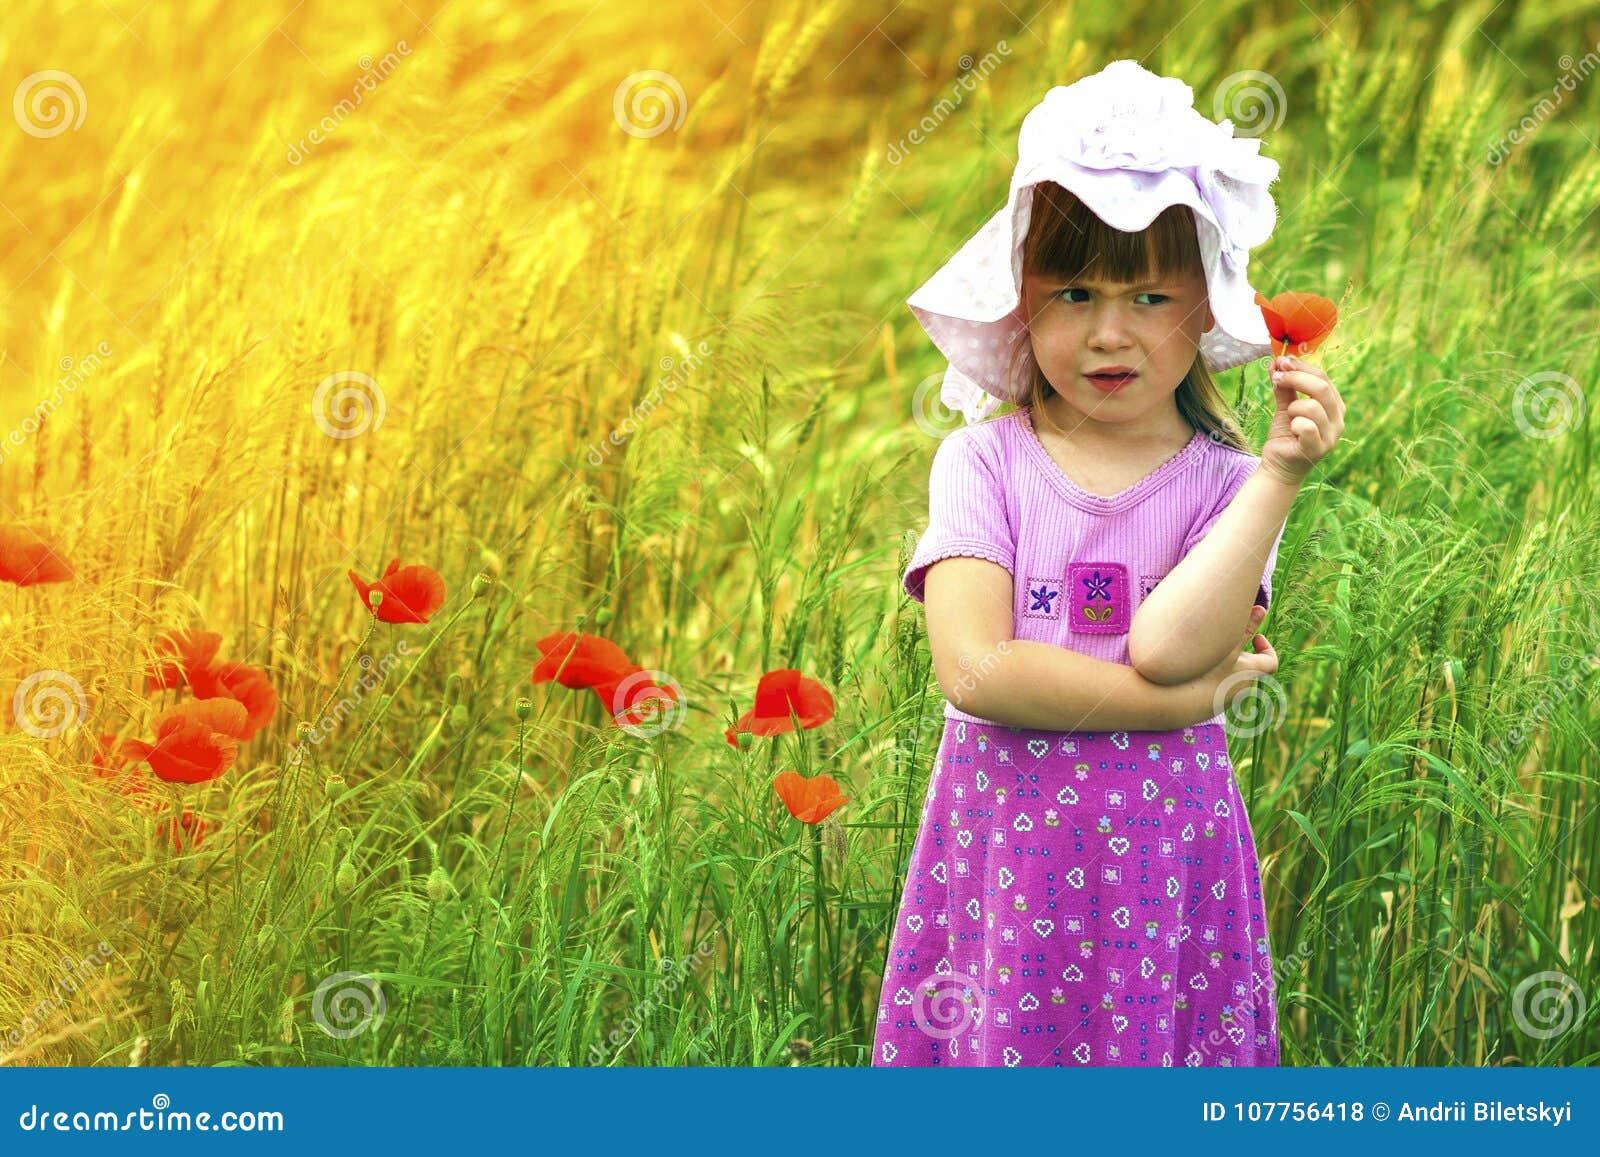 Poco descontentó y descontentó a la muchacha linda con la flor roja